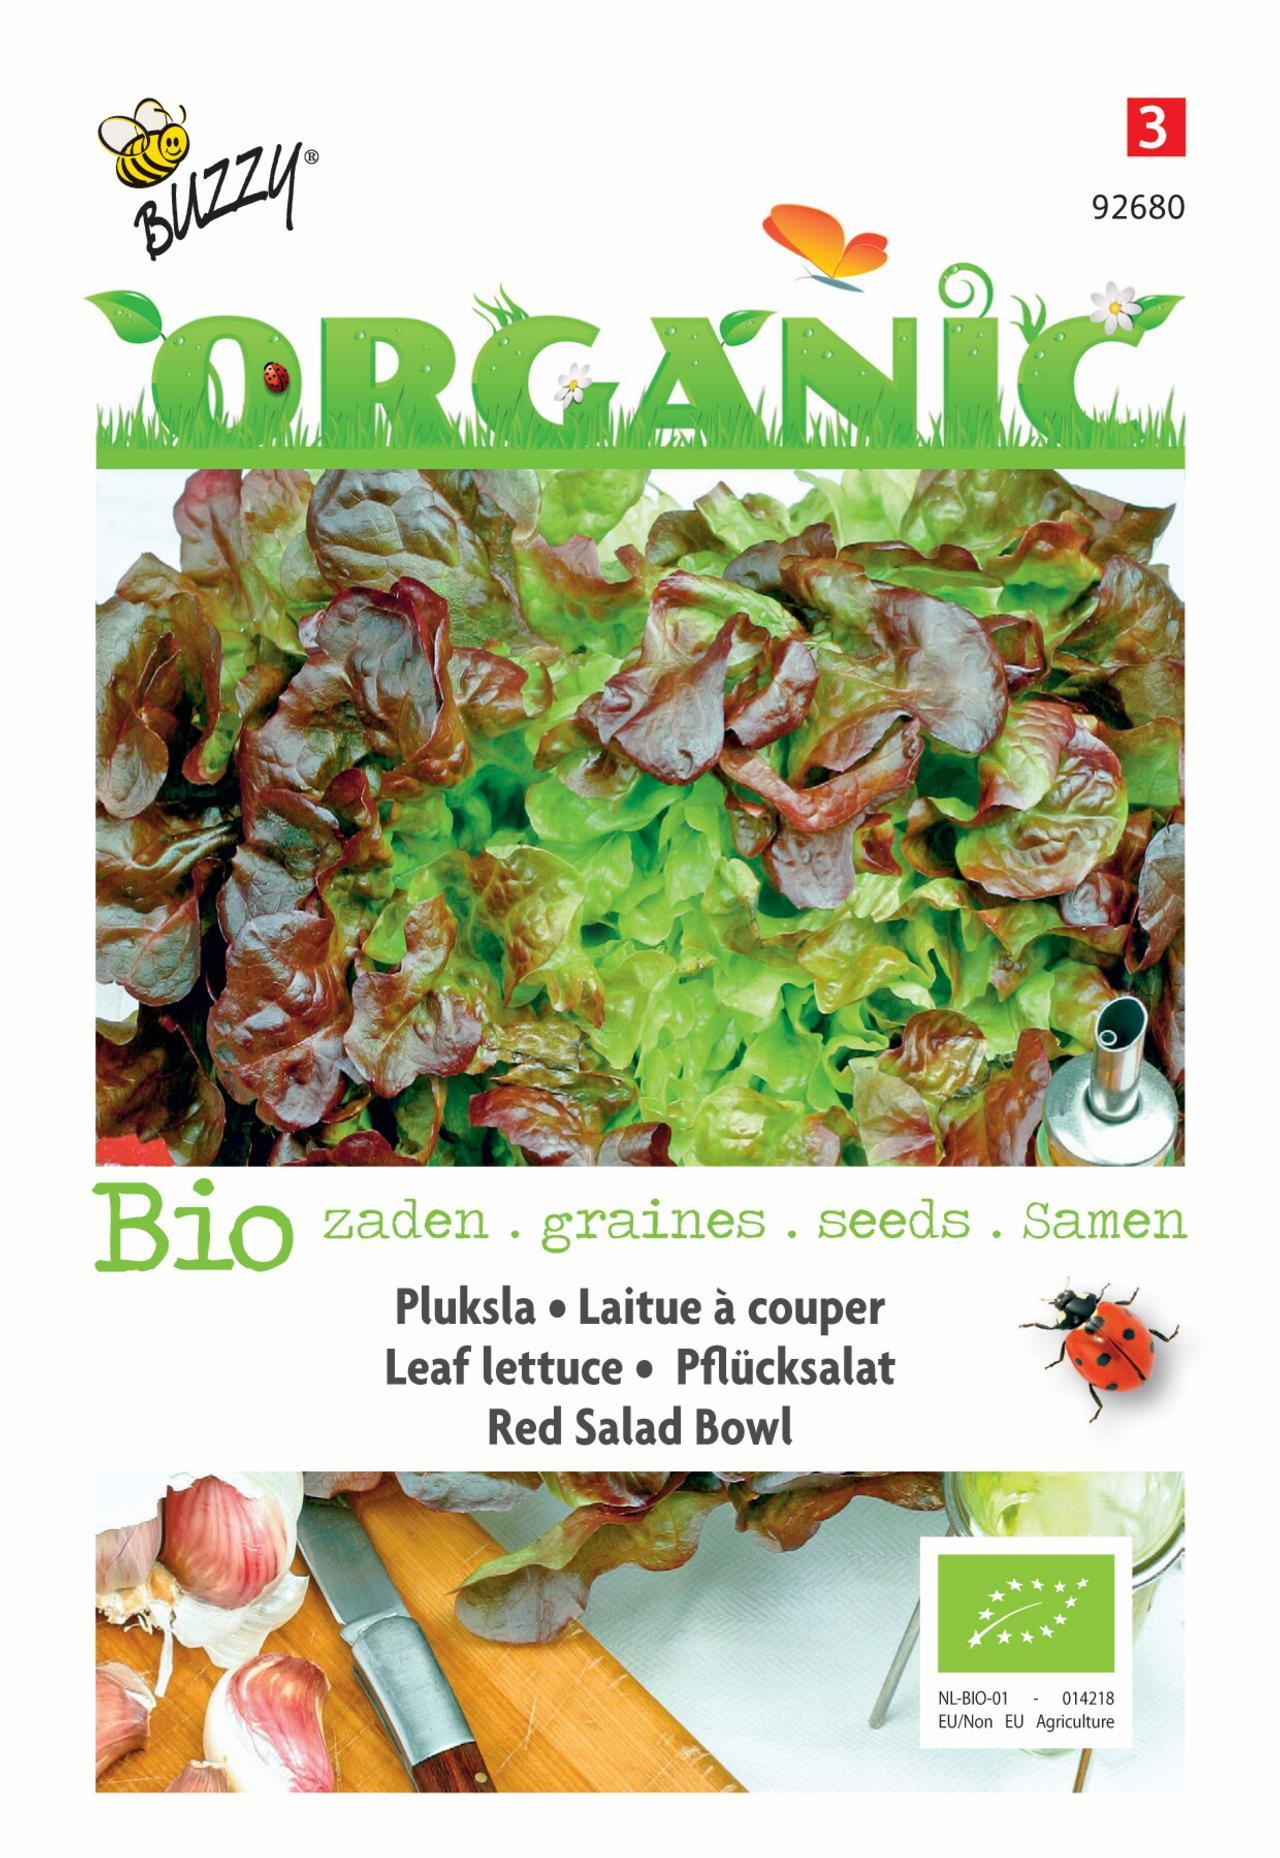 Lactuca sativa 'Red Salad Bowl' (BIO) plant